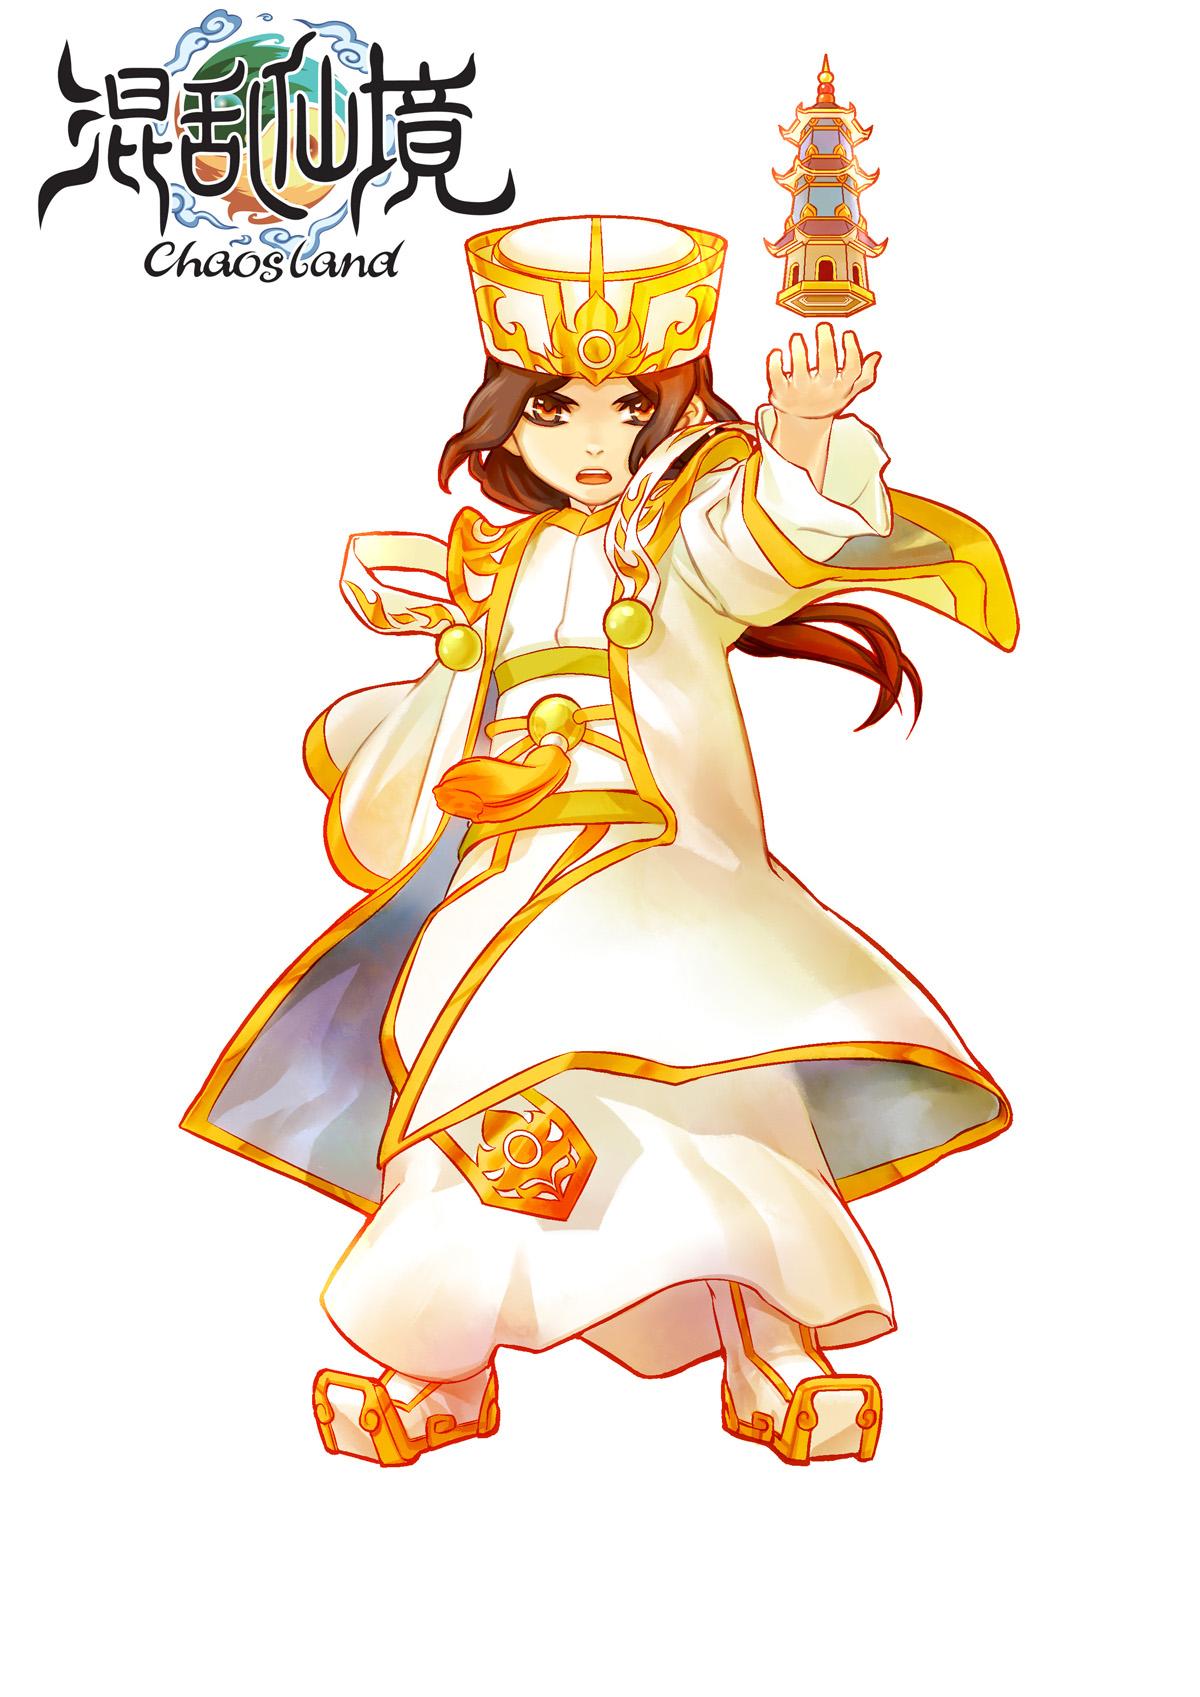 キャラクターイラスト。「かわいらしいデザイン」とひとくくりにされがちだが、「カナン」や下の「三国封神」ともタッチが異なる